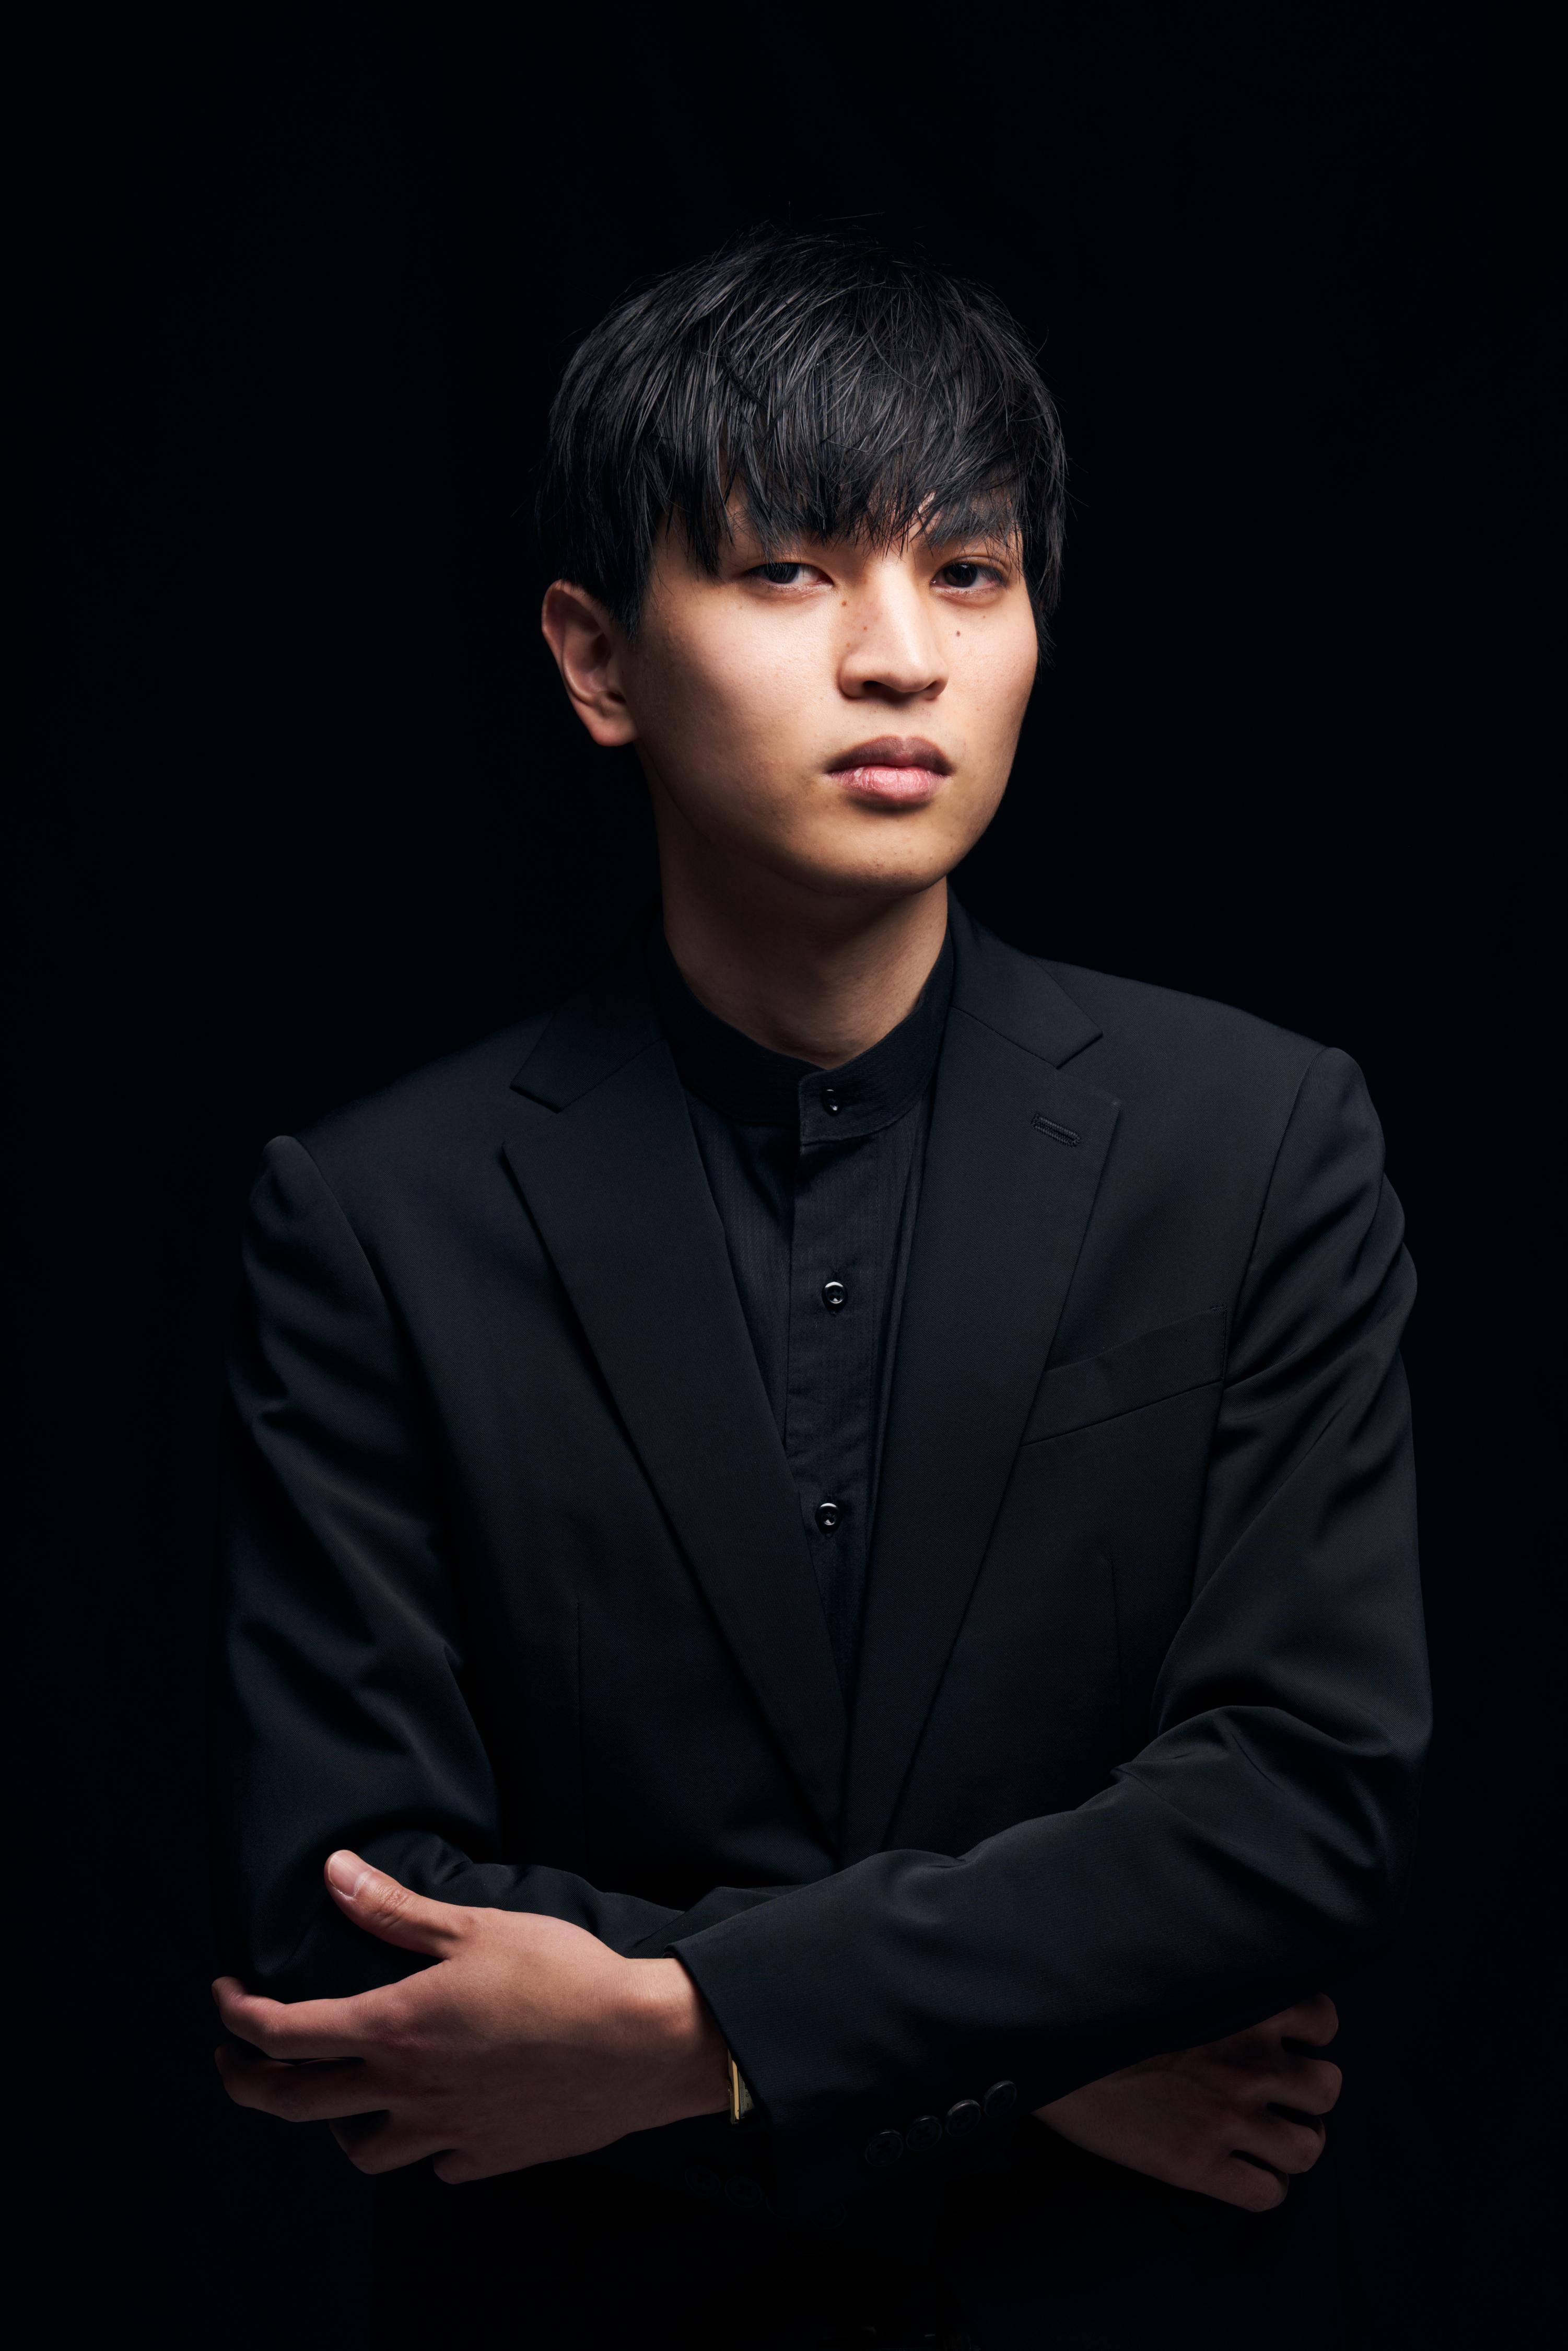 飯島 聡史 ランチタイムコンサート《ショパン・フェスティバル2021 in 表参道》